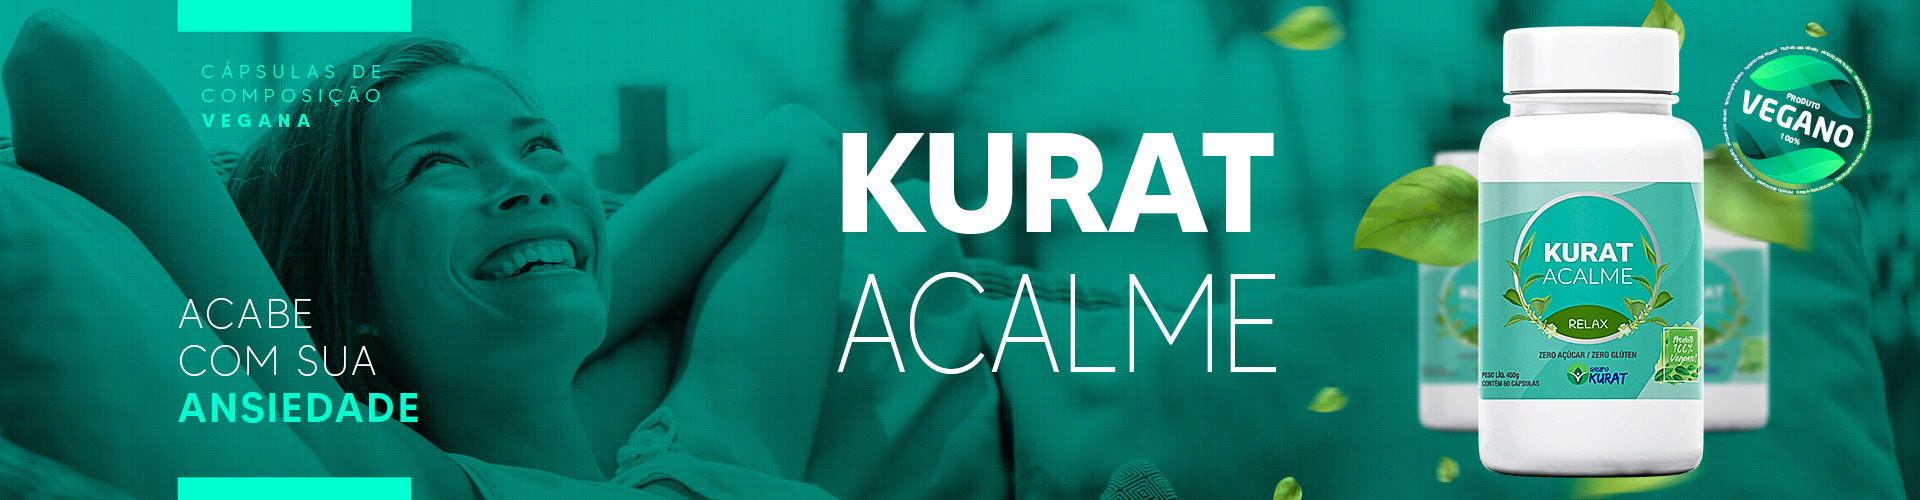 Banner Kurat Acalme + Brinde 1920